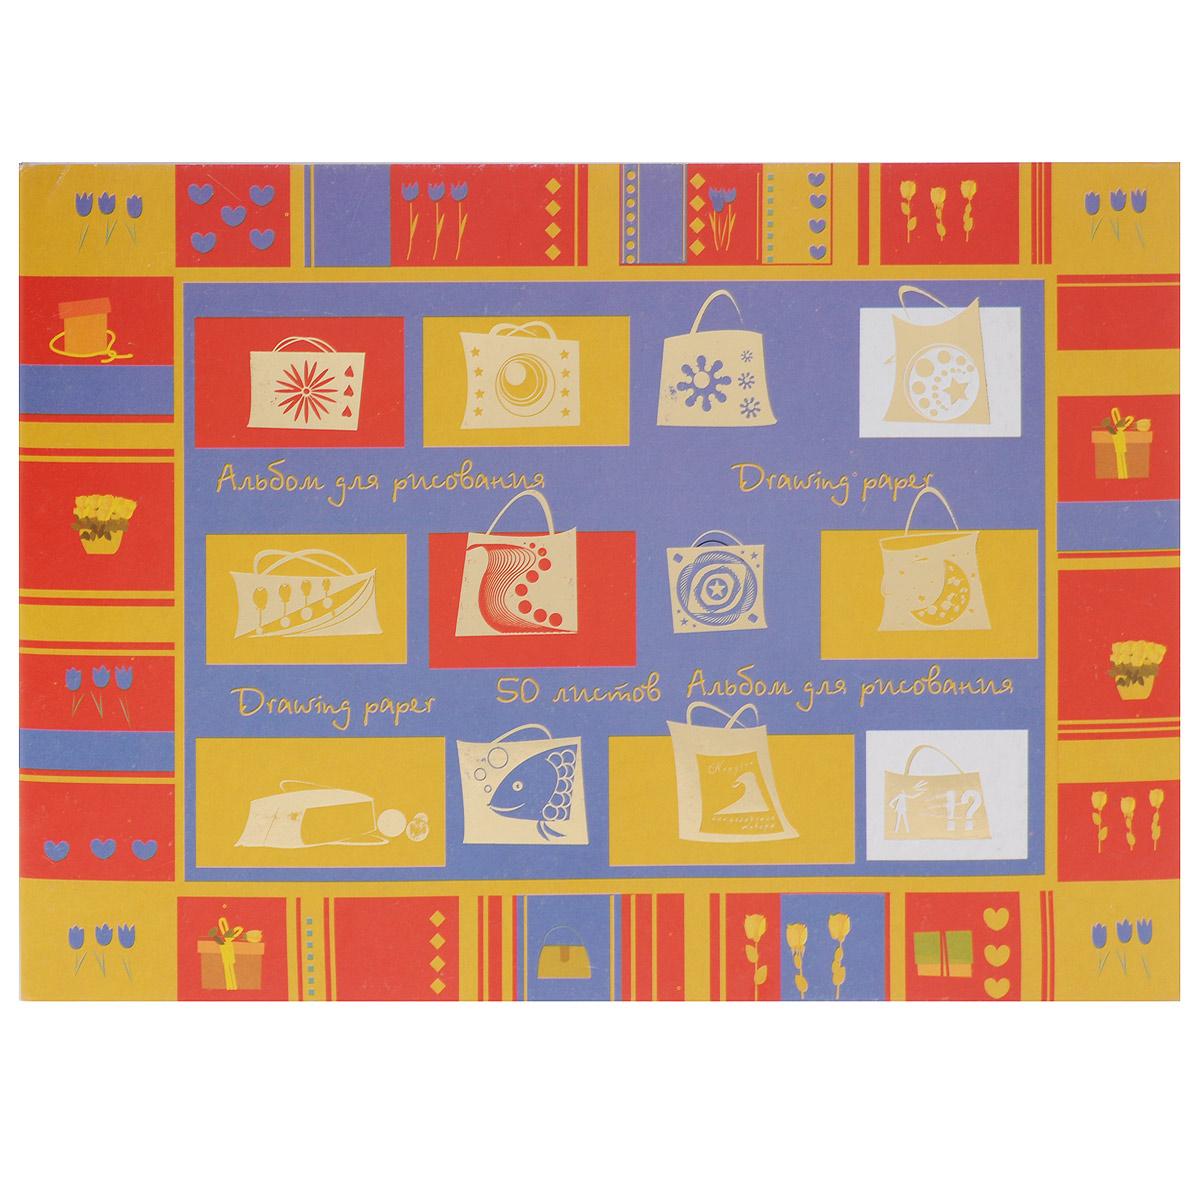 Альбом для рисования Kroyter, 50 листов, формат А460021Альбом Kroyter предназначен для рисования, художественно-графических работ и детского творчества. Внутренний блок состоит из офсетной бумаги. Обложка альбома выполнена из картона с ярким цветным рисунком.Тип крепления листов - склейка.